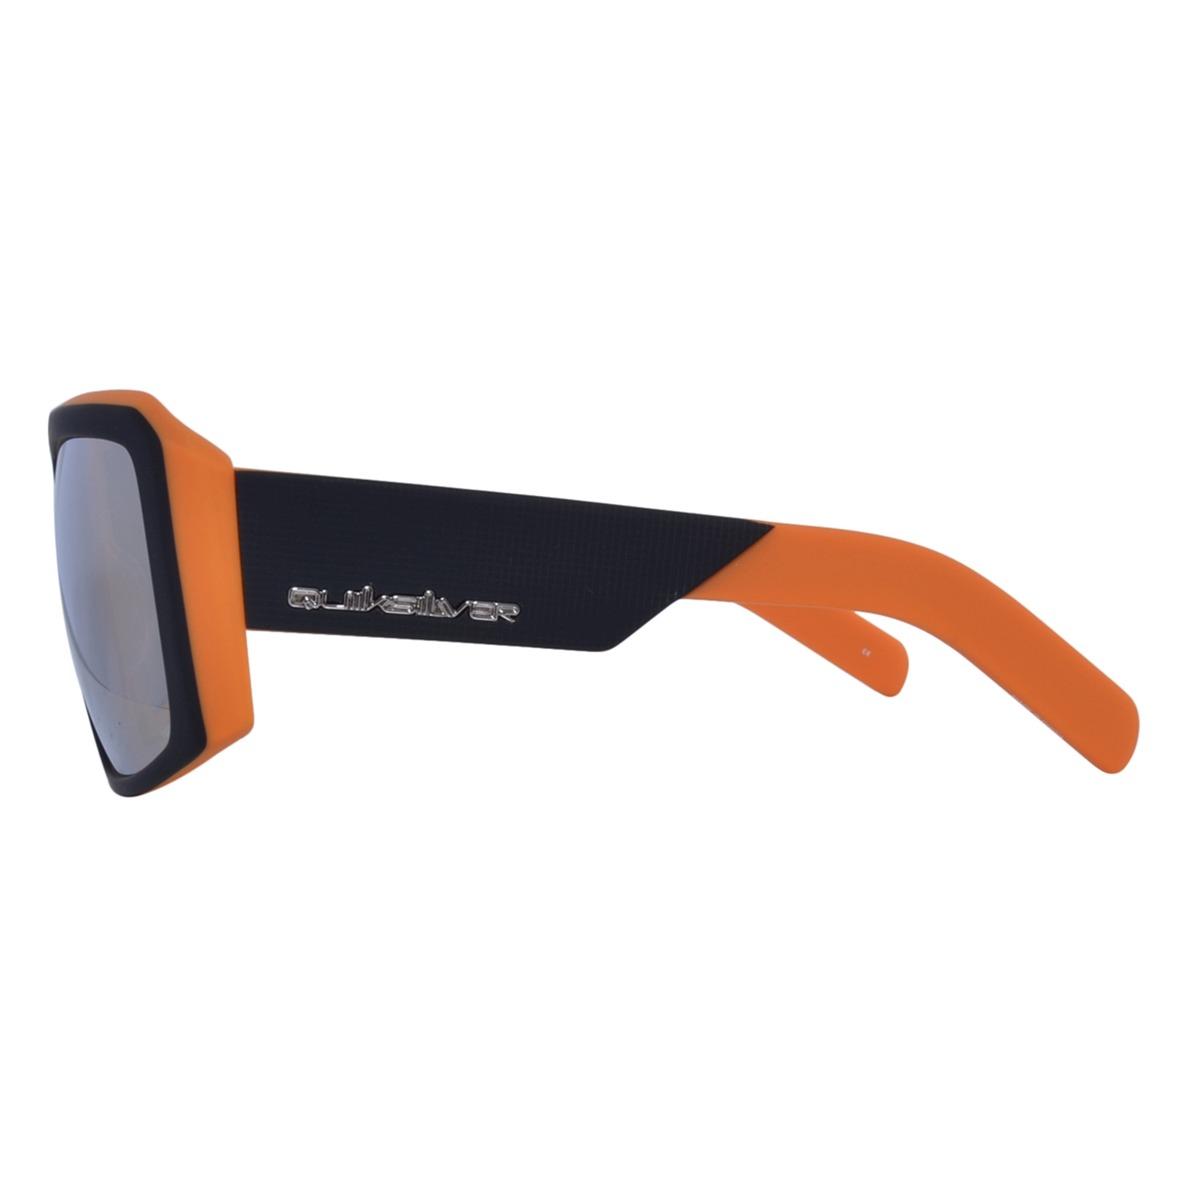 Óculos Quiksilver The Empire Preto Laranja - R  149,90 em Mercado Livre f1bbc8c426